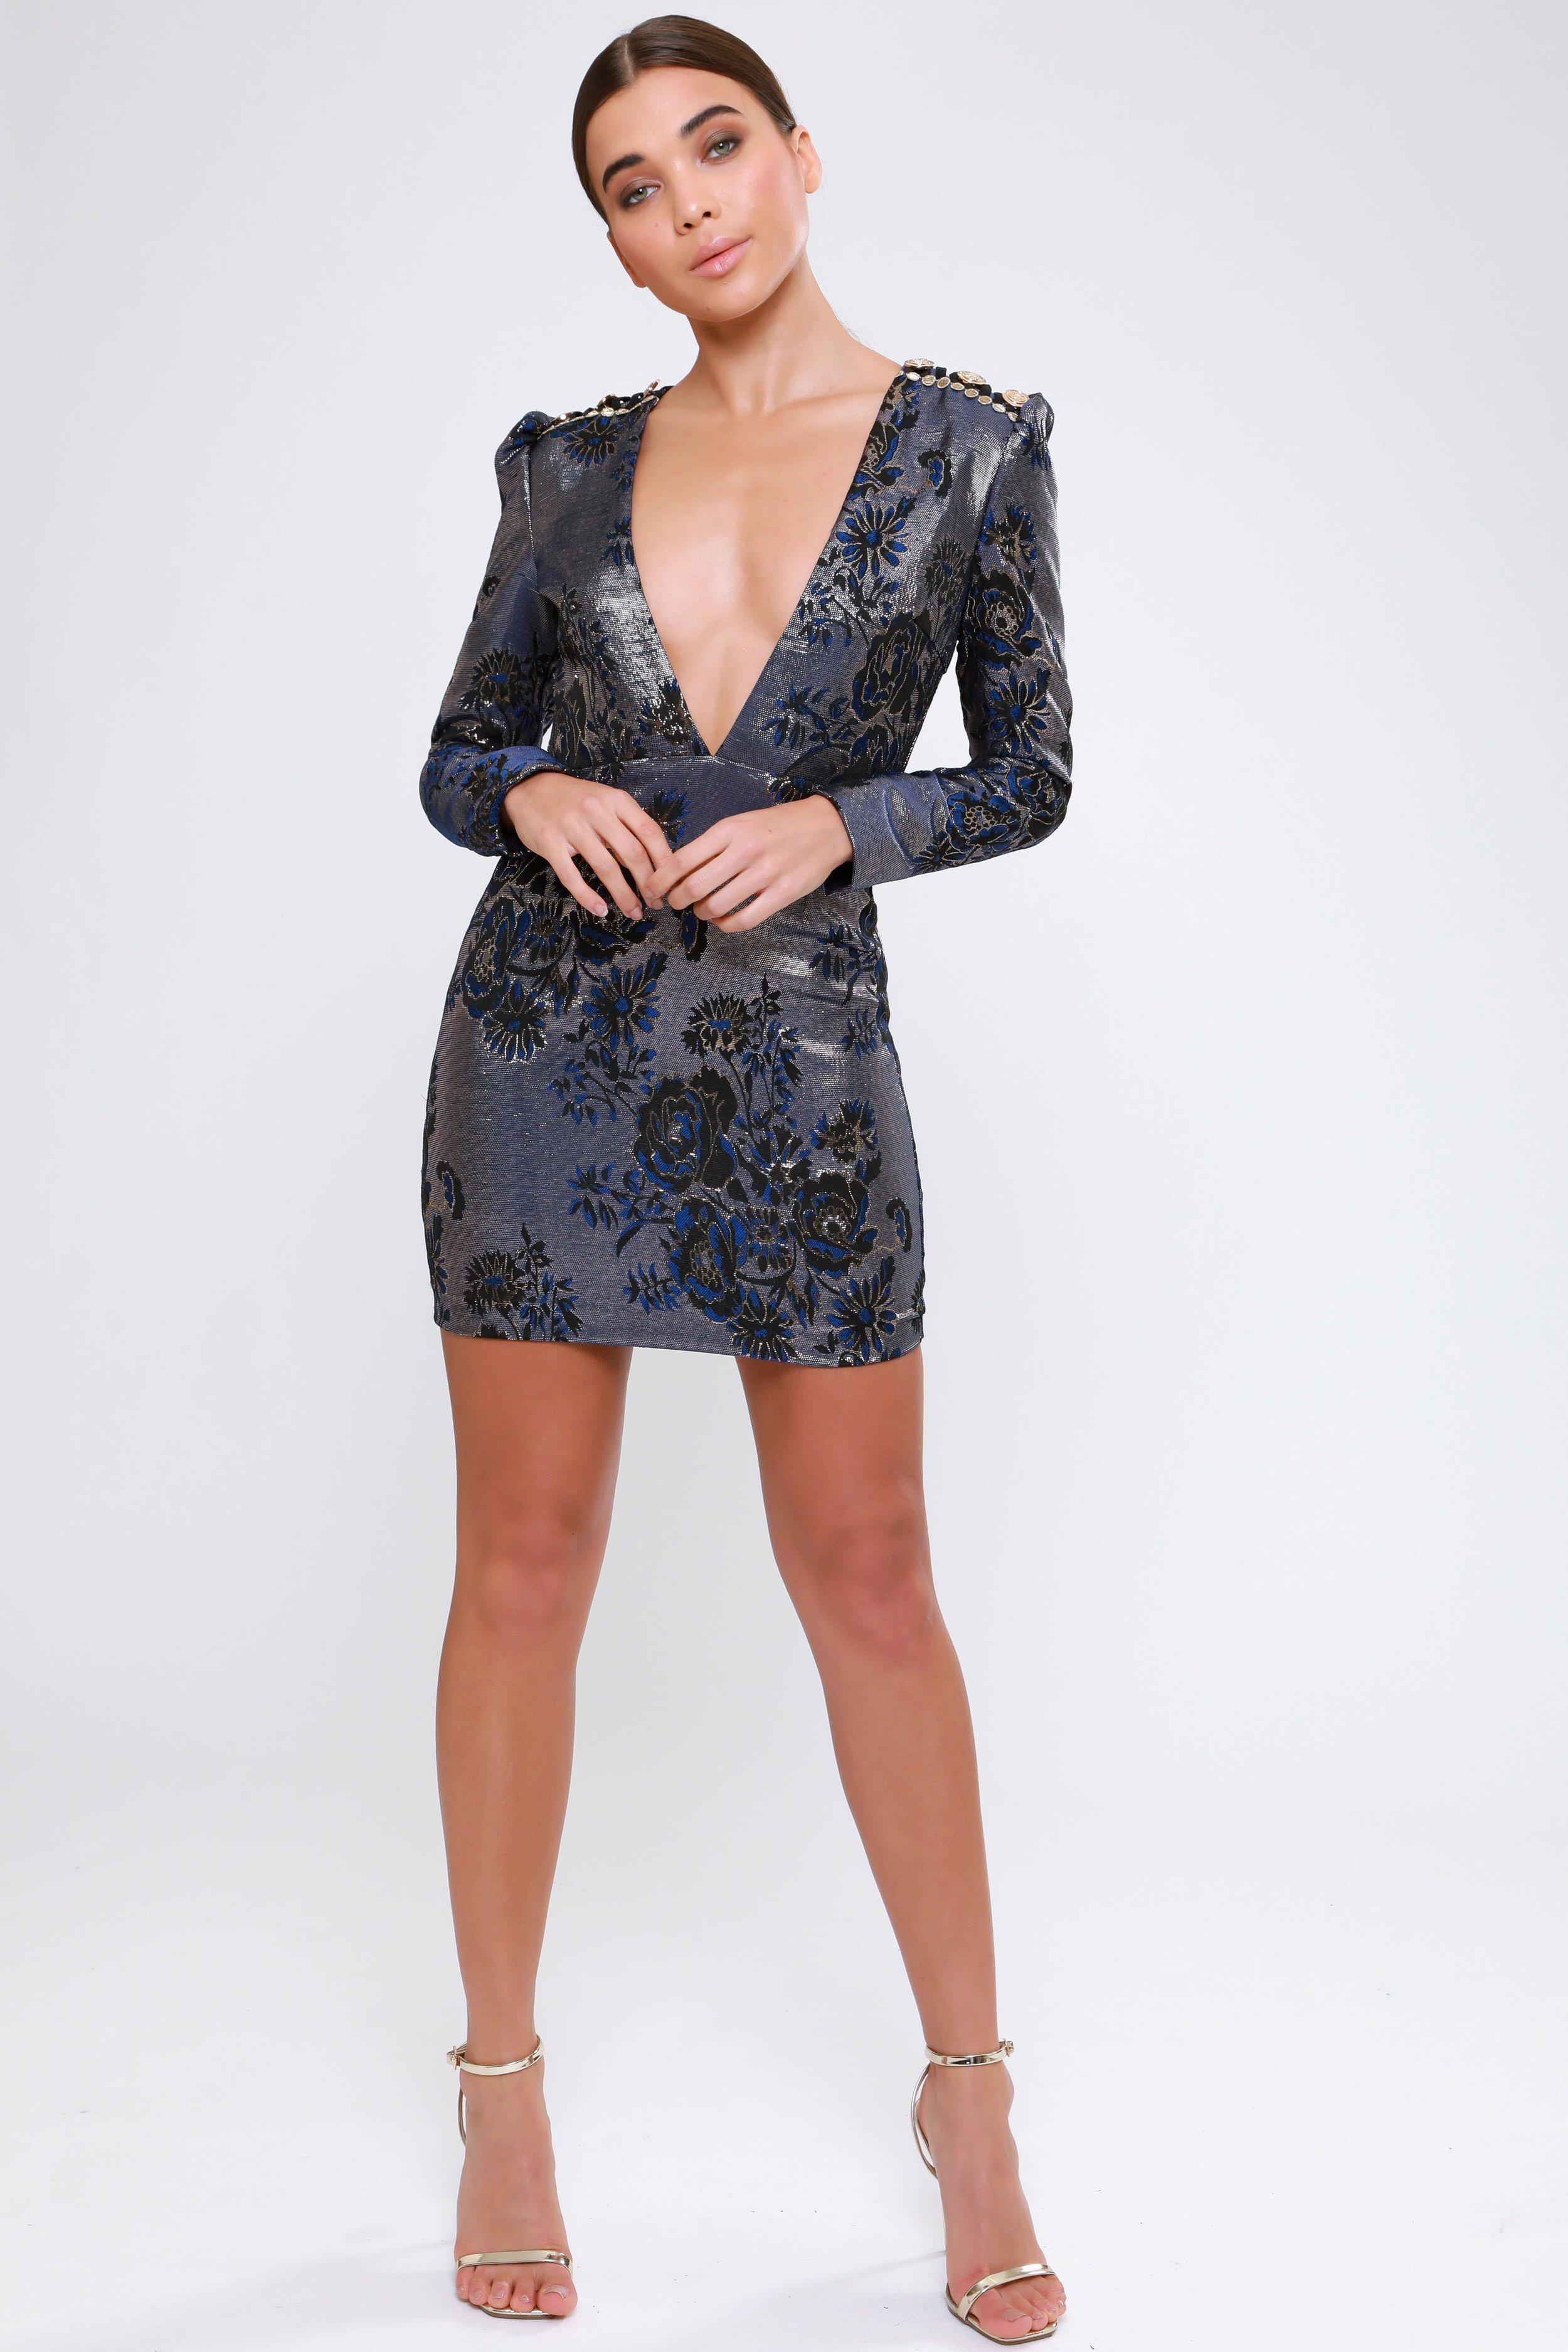 Metallic Jacquard  Plunge Dress   £75.00